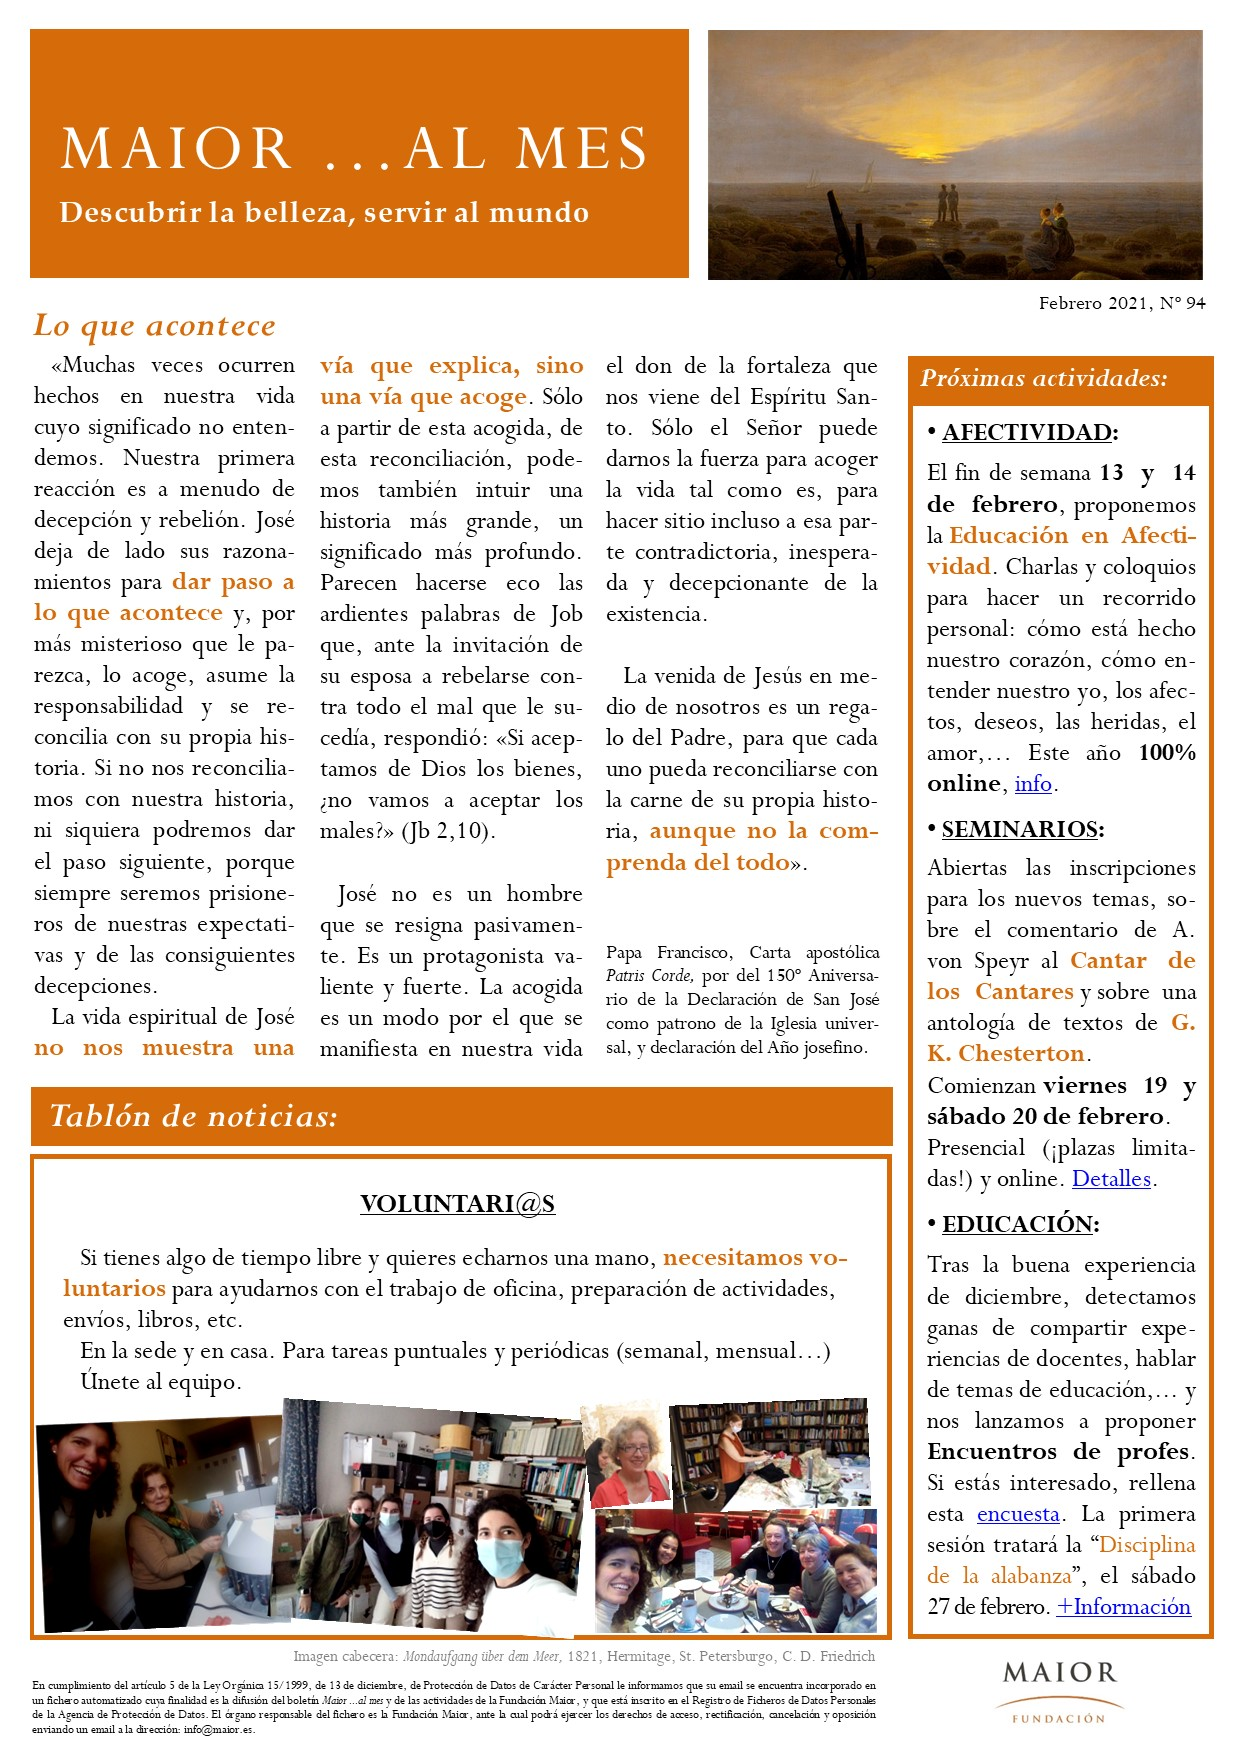 Boletín mensual de noticias y actividades de la Fundación Maior. Edición de febrero 2021